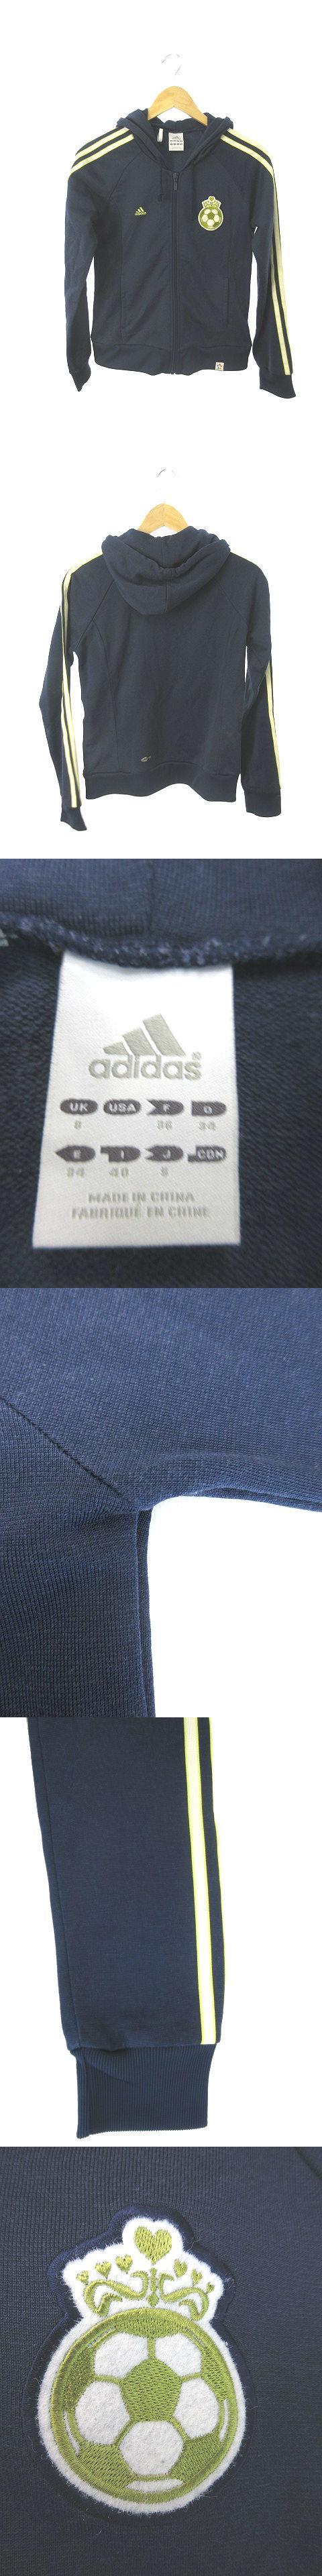 パーカー ジップアップ ワンポイント 長袖 紺 ネイビー 黄色 イエロー /YK15